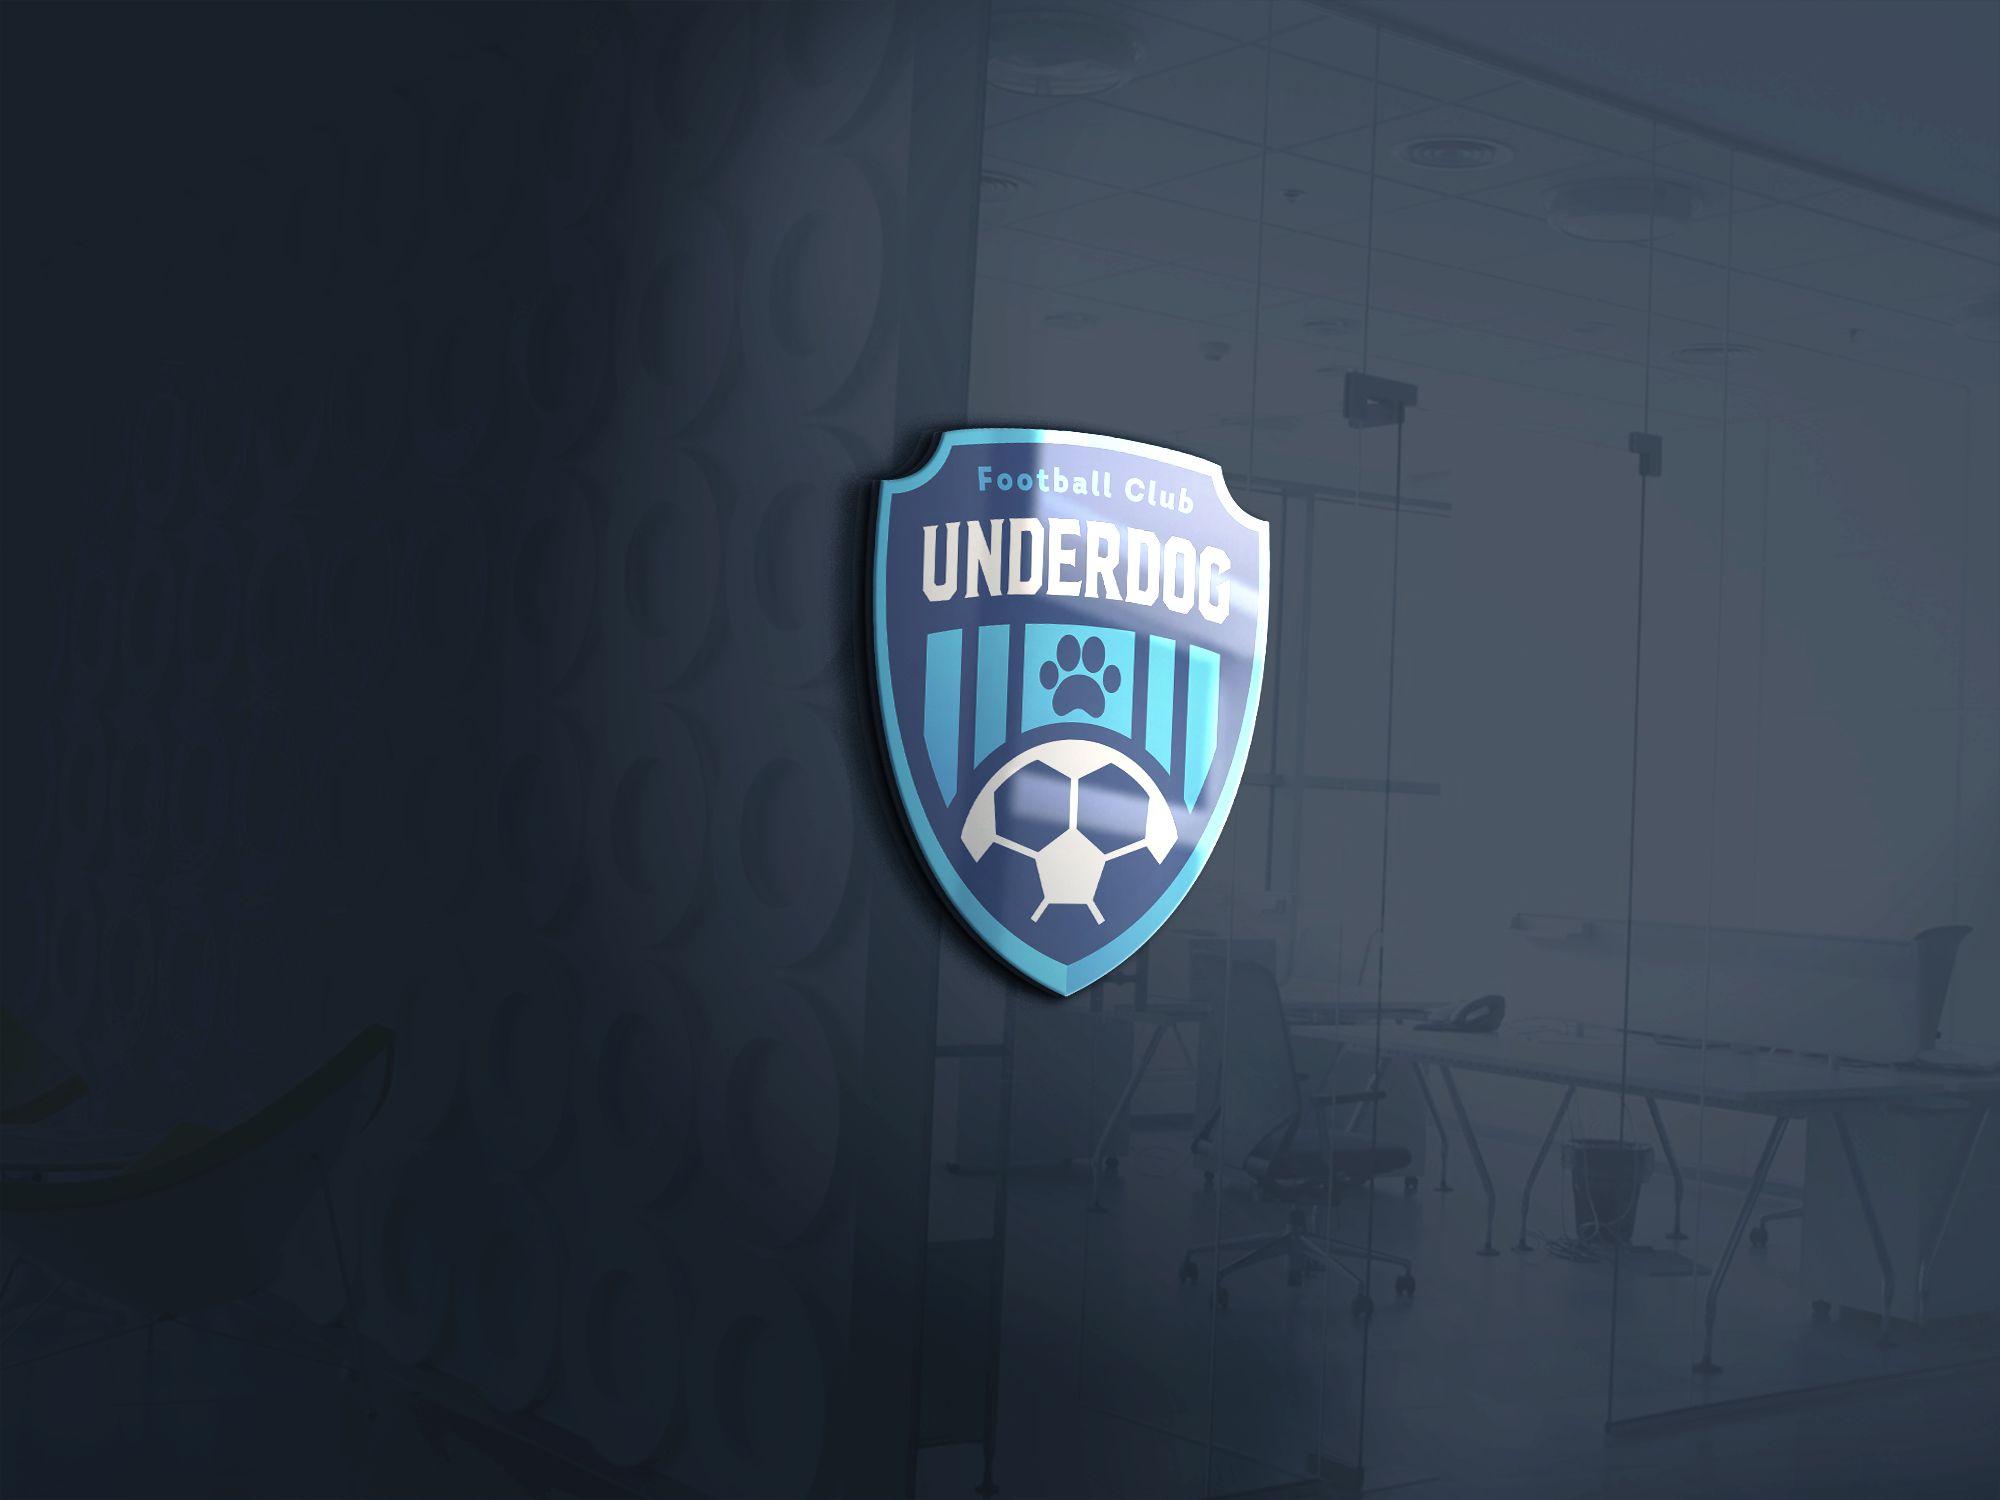 Футбольный клуб UNDERDOG - разработать фирстиль и бренд-бук фото f_0345cb45fa225942.jpg